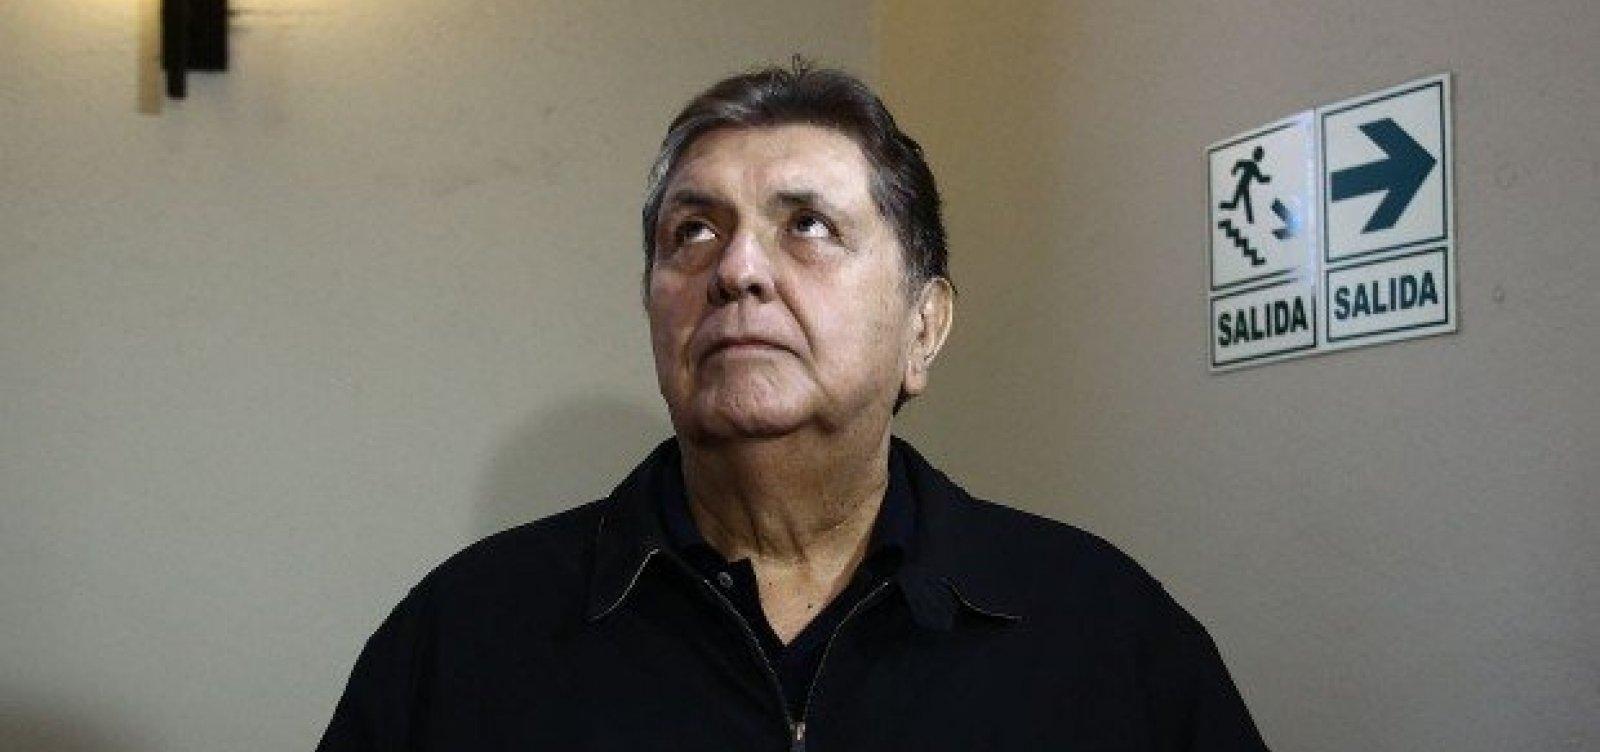 Ex-presidente do Peru tenta suicídio após ordem de prisão no caso Odebrecht